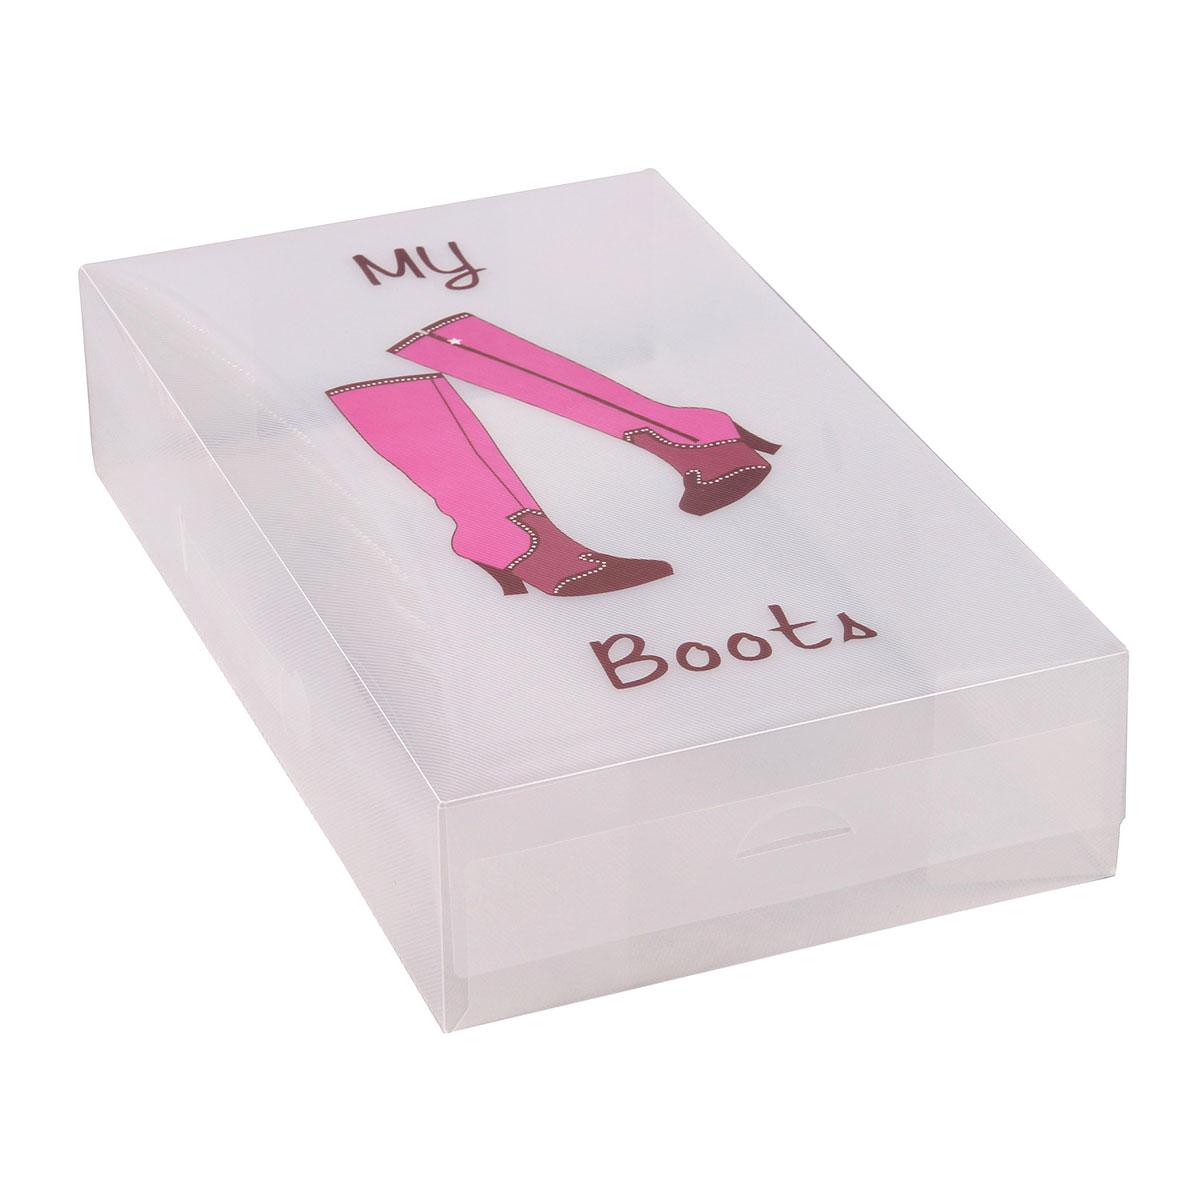 Короб для xранения обуви Miolla, 52 x 30 x 11 см. PLS-2PLS-2Удлиненный короб для обуви от Miolla превратит хранение сапог из головной боли в сплошное удовольствие. Жесткий и вместительный, он создан для обуви с длинным голенищем, которая после сезона ношения обычно неаккуратно убирается вглубь обувного шкафа из-за своих нестандартных размеров. Теперь можно не пренебрегать дорогими вещами, а с умом хранить любые сапоги в удобном и прочном коробе.